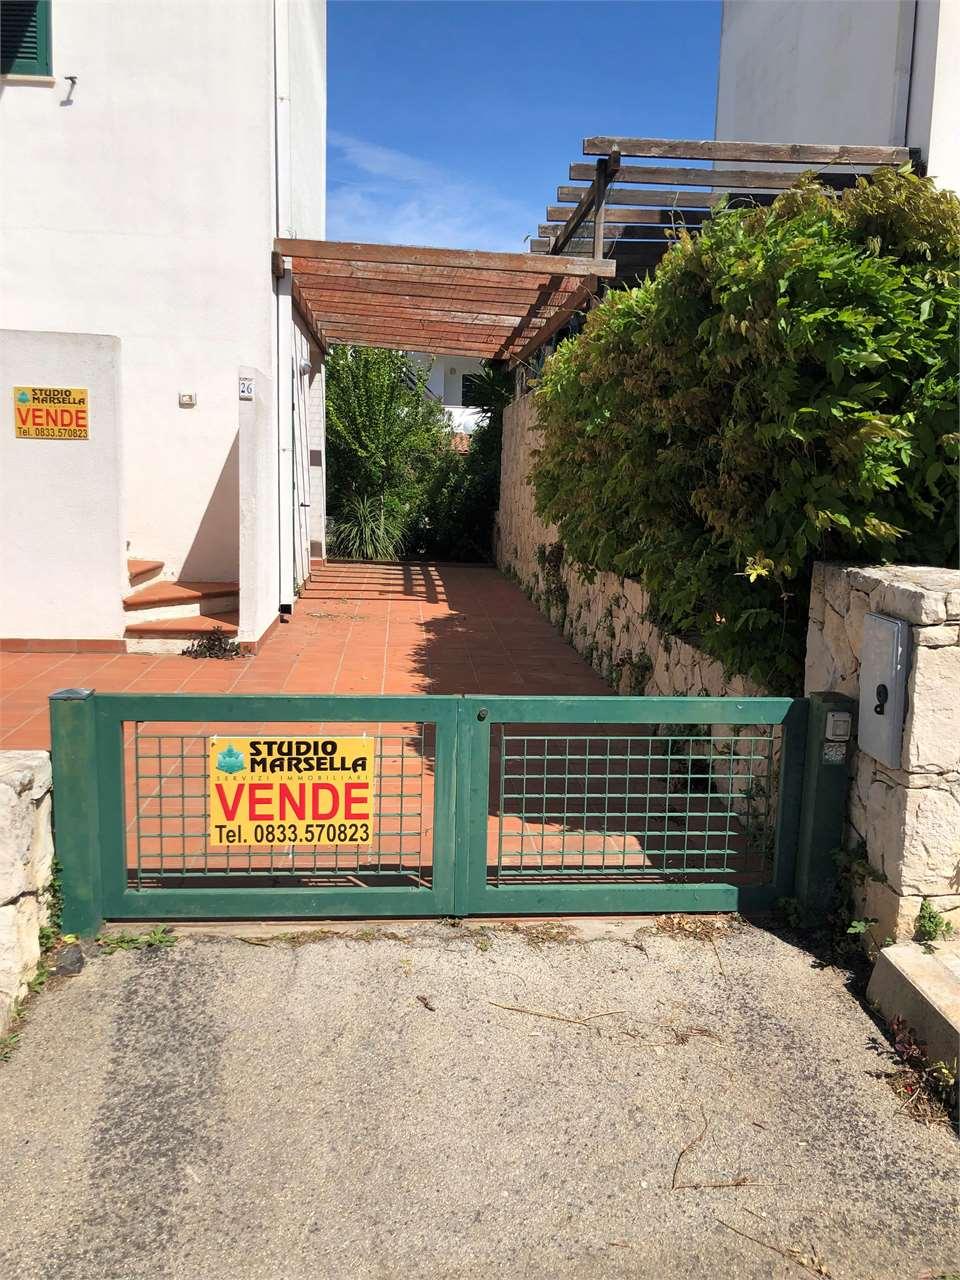 Appartamento in vendita a Nardò, 3 locali, prezzo € 95.000 | CambioCasa.it